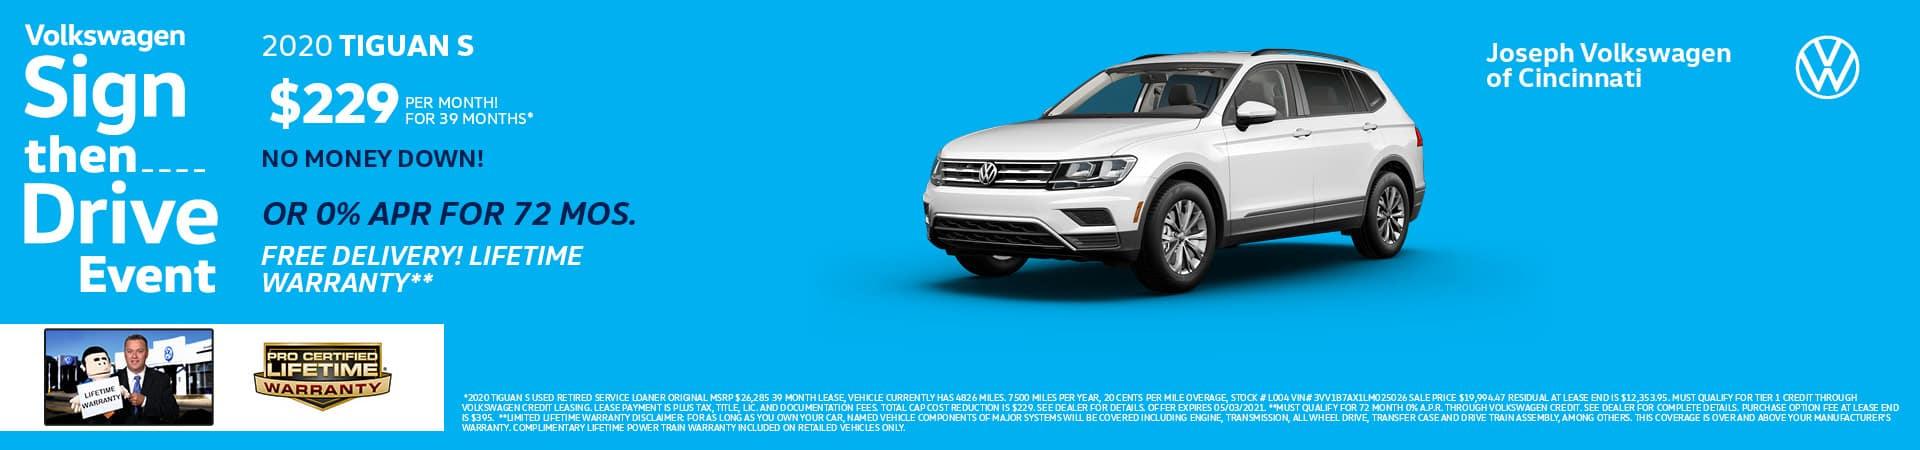 2020 Volkswagen Tiguan | Joseph Volkswagen of Cincinnati | Cincinnati, OH